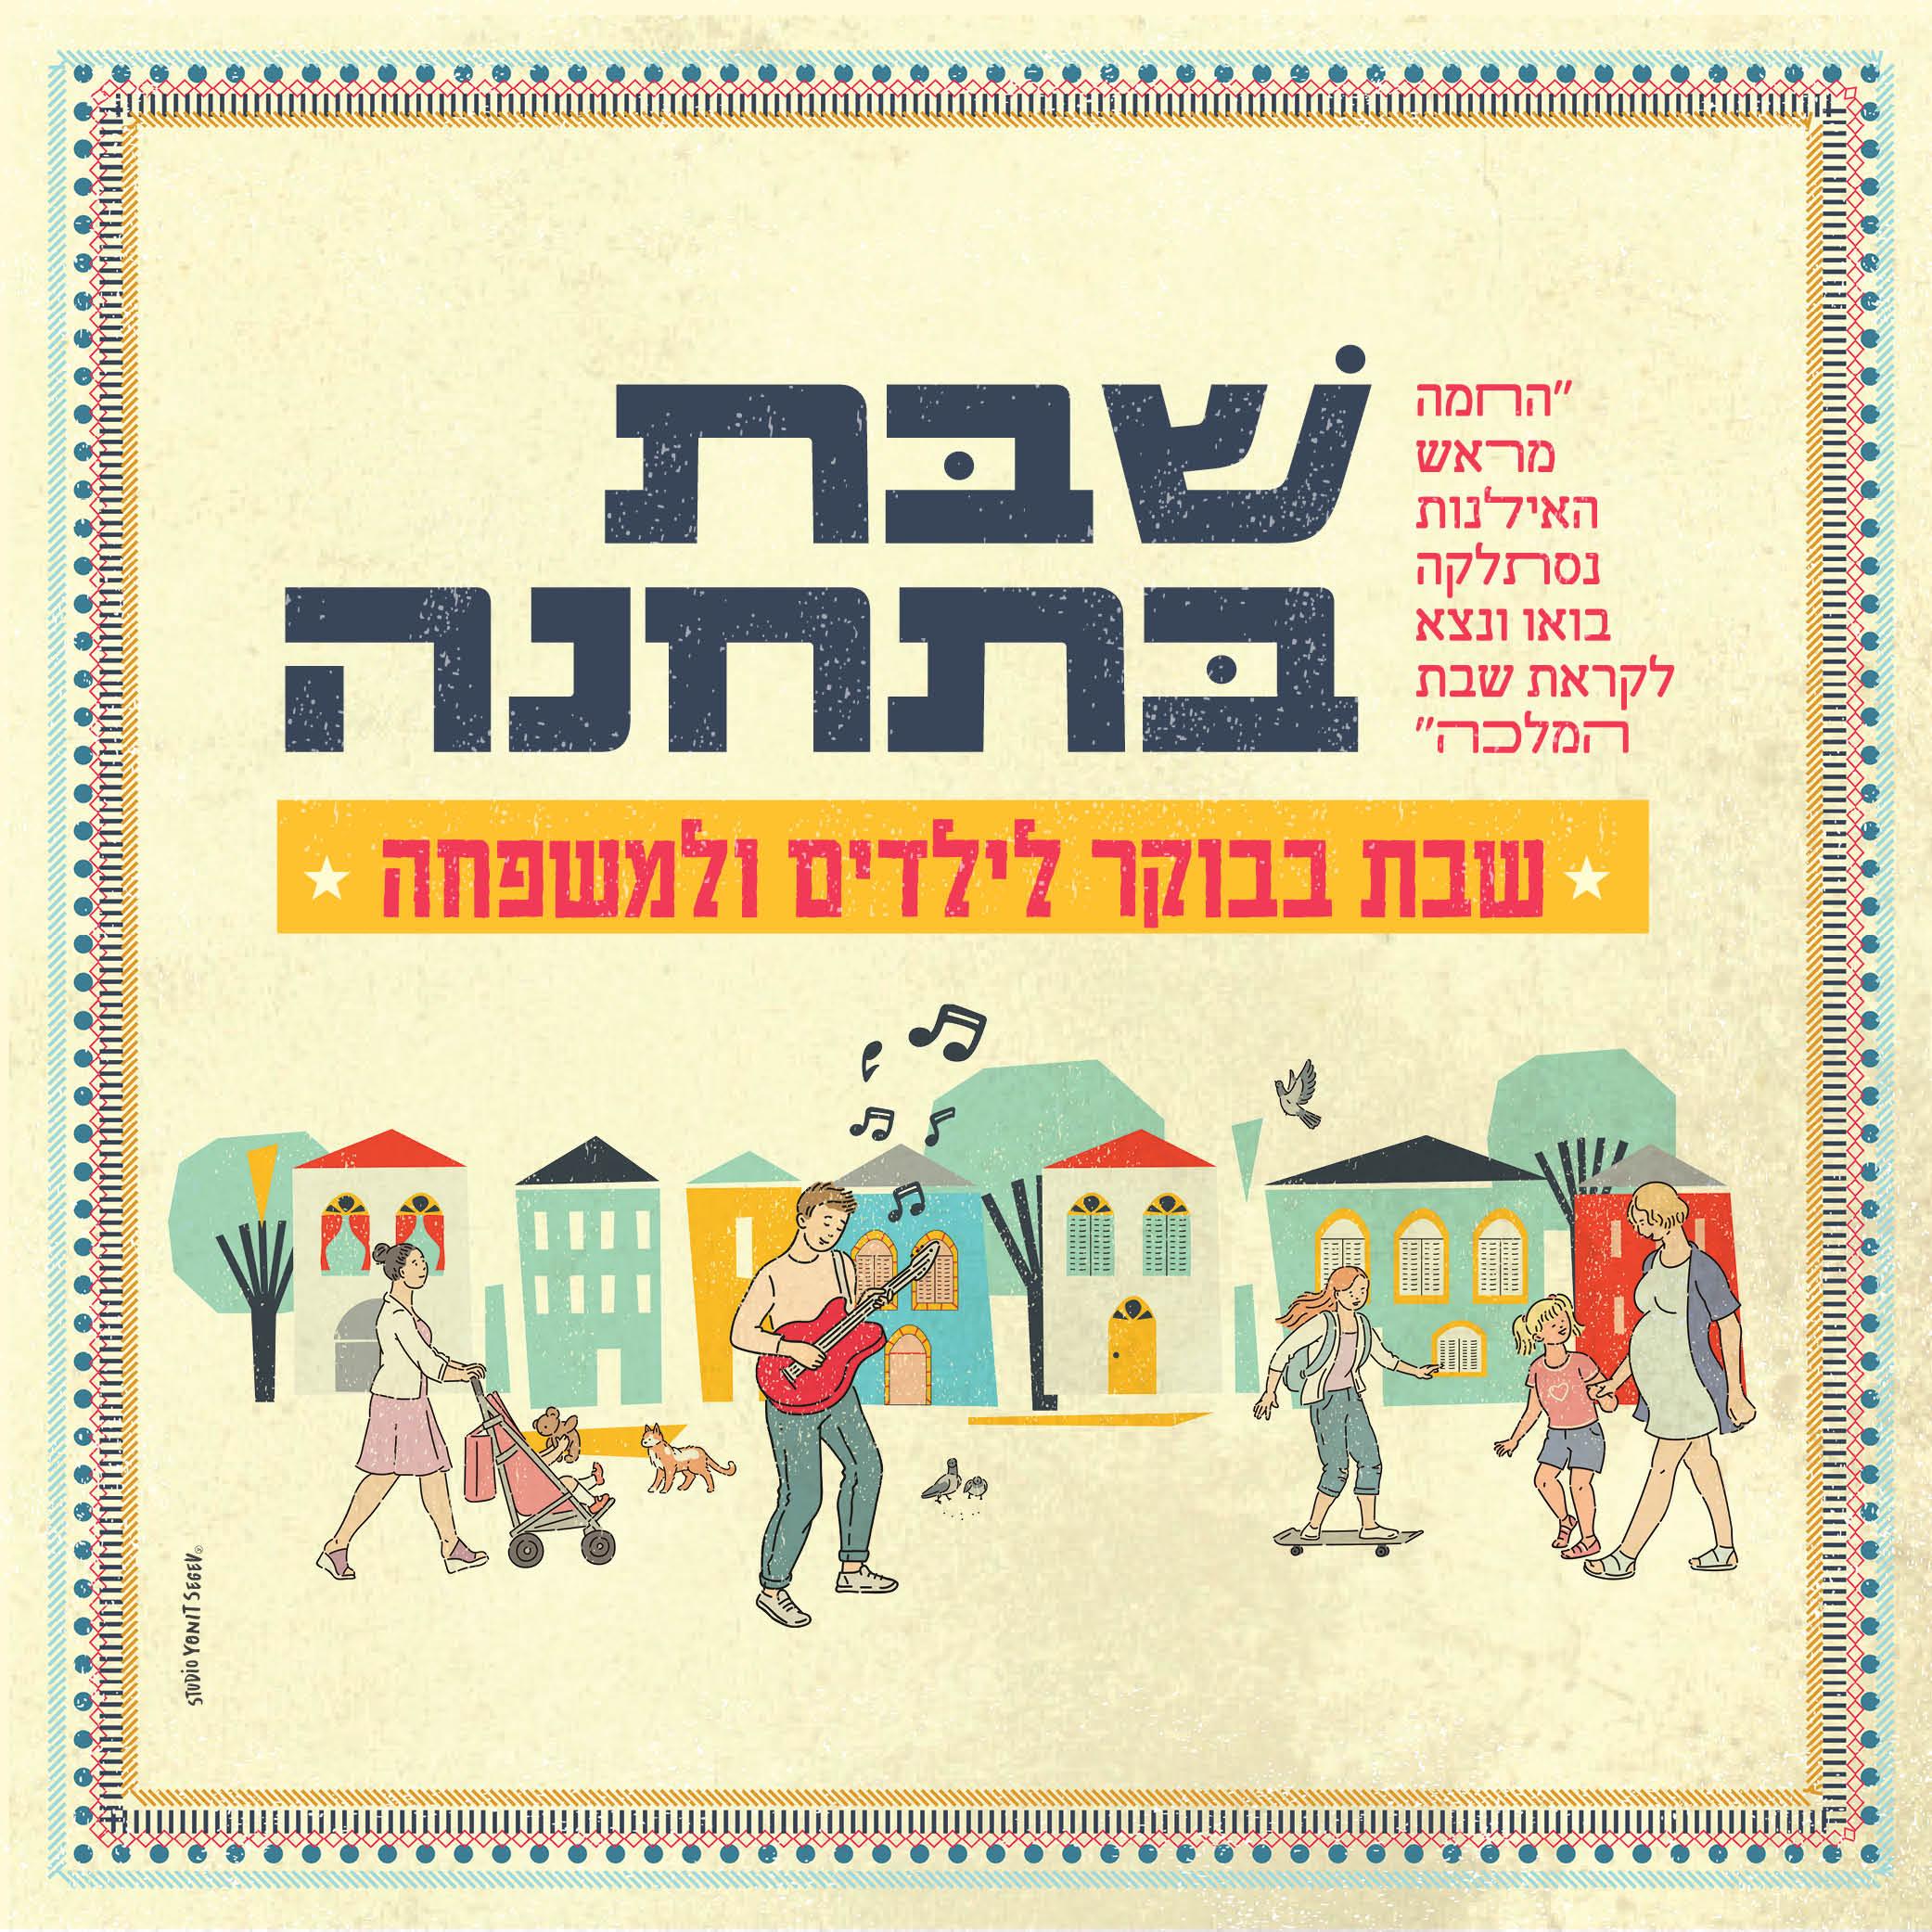 שבת בירושלים - התחנה הראשונה ירושלים